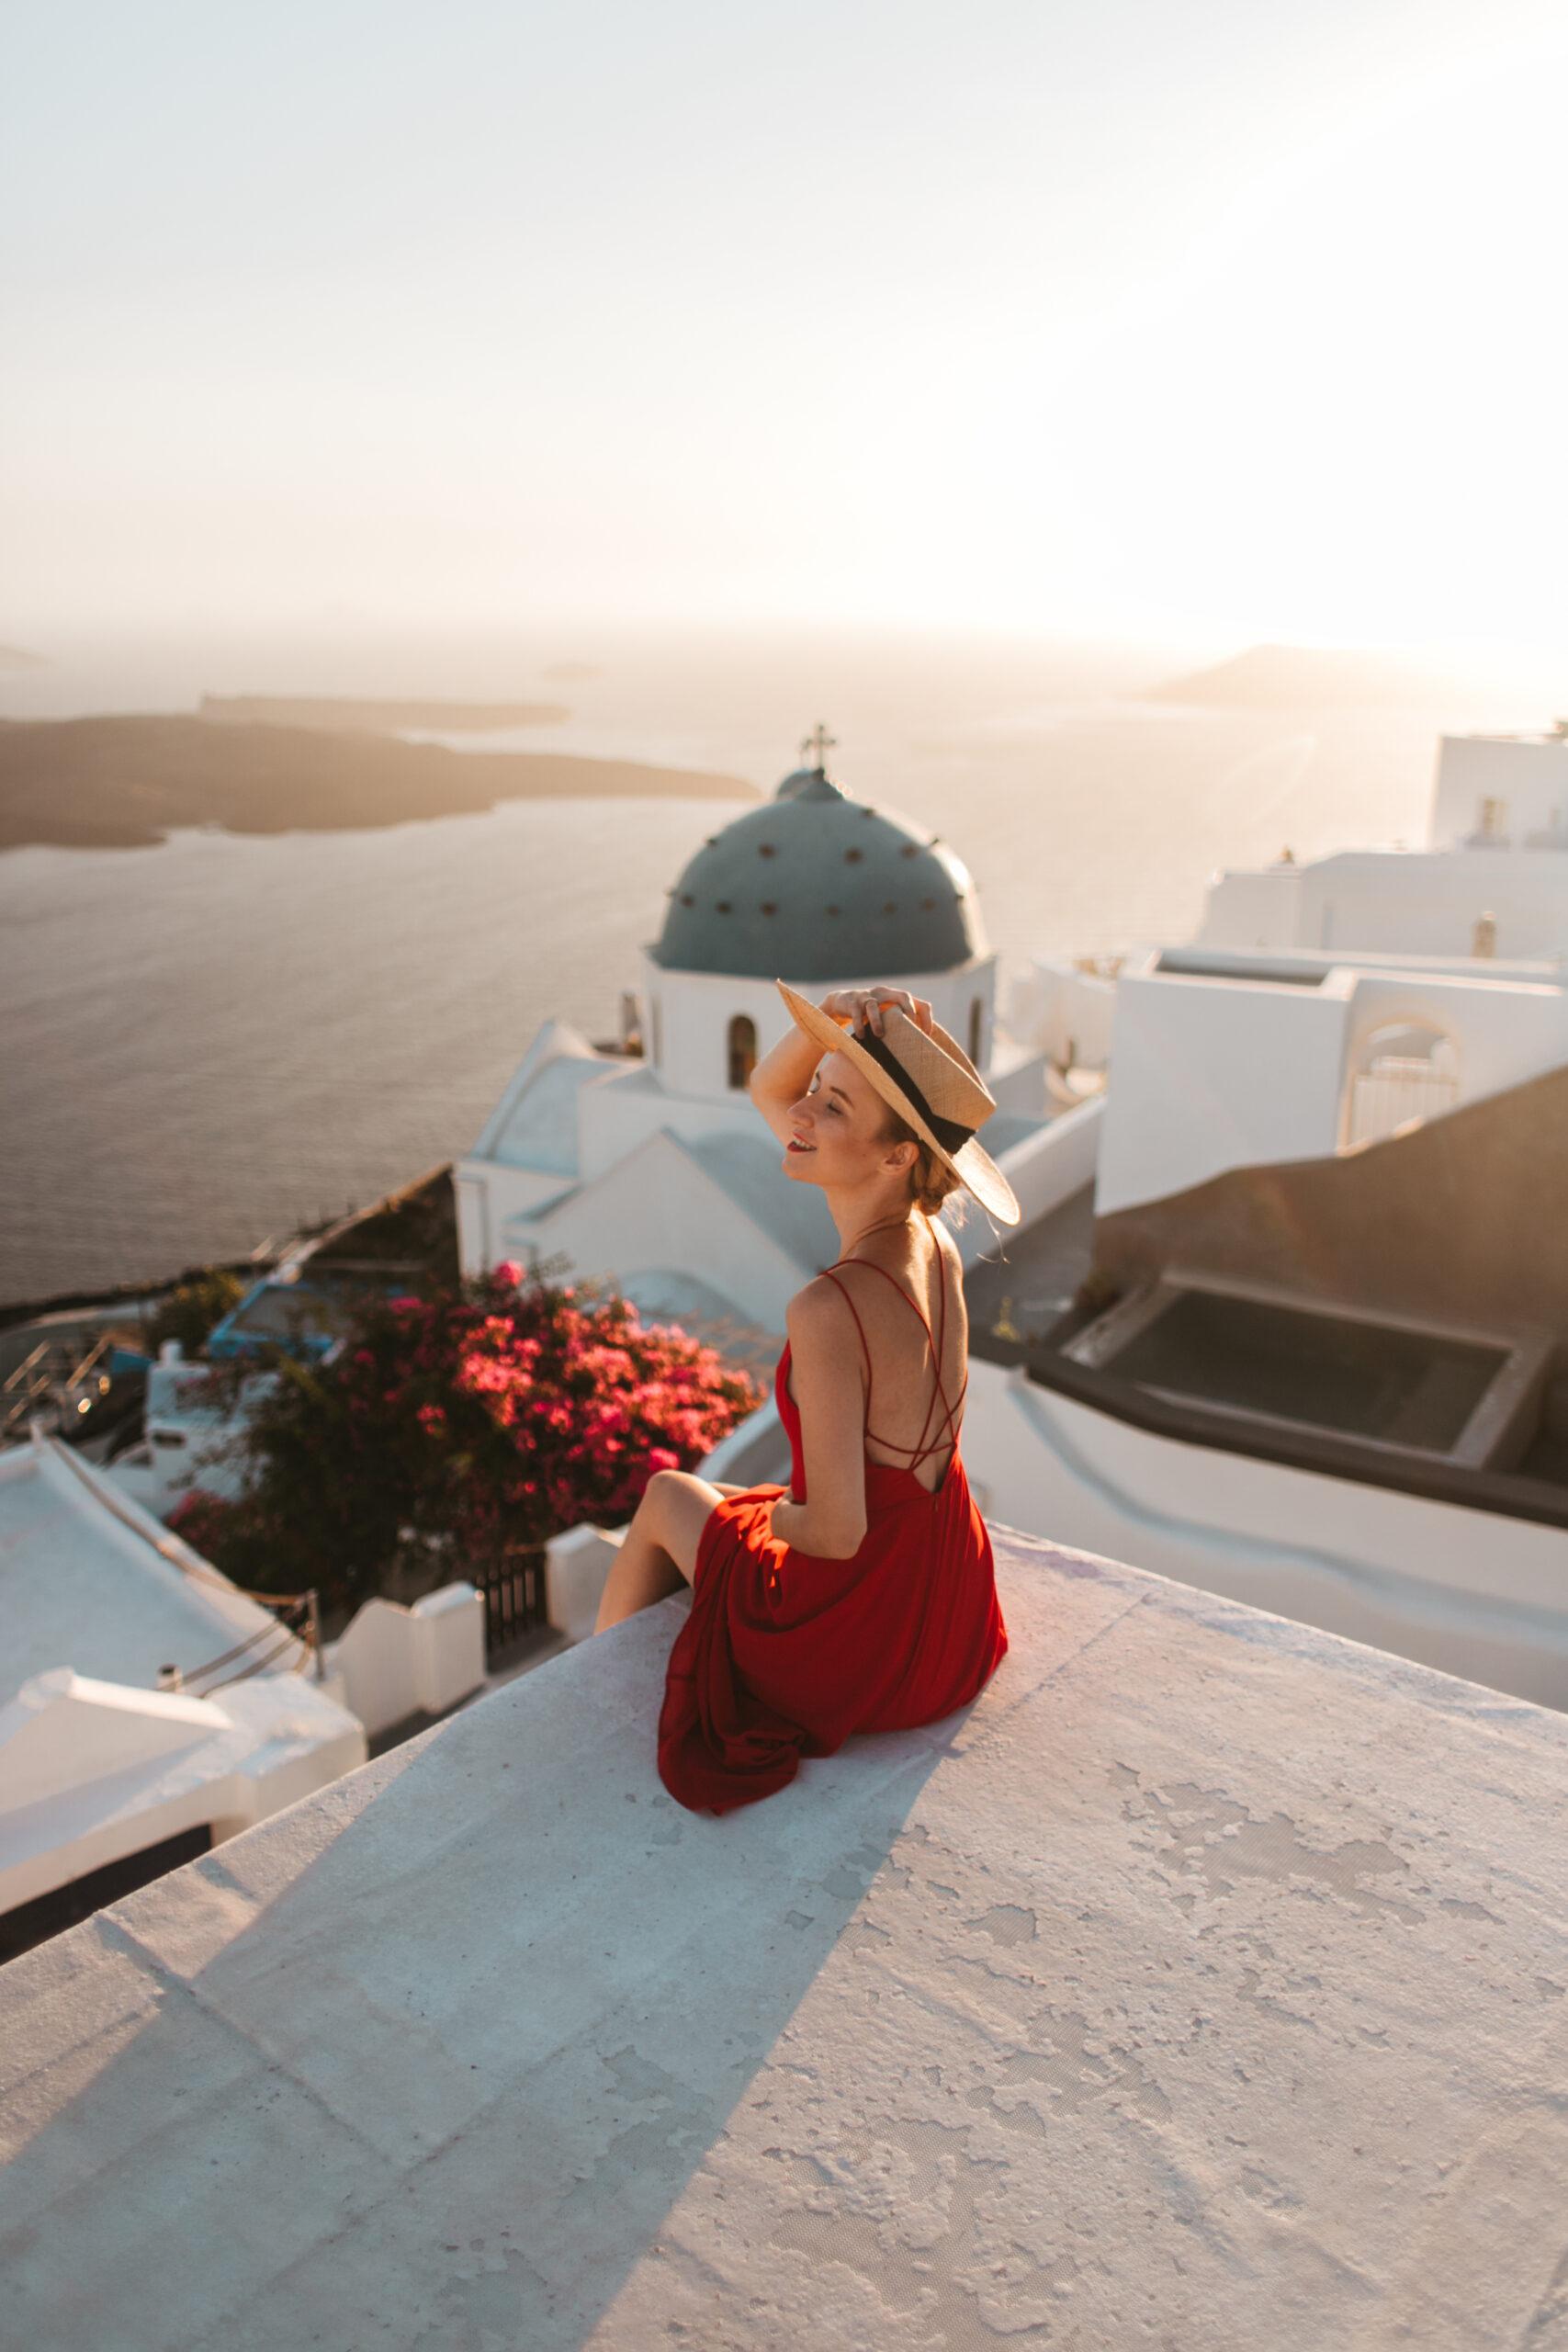 kobieta na dachu Santorini, białe domki, blog podrozniczy, blogerka, czerwona suknia, Imerovigli, Oia,